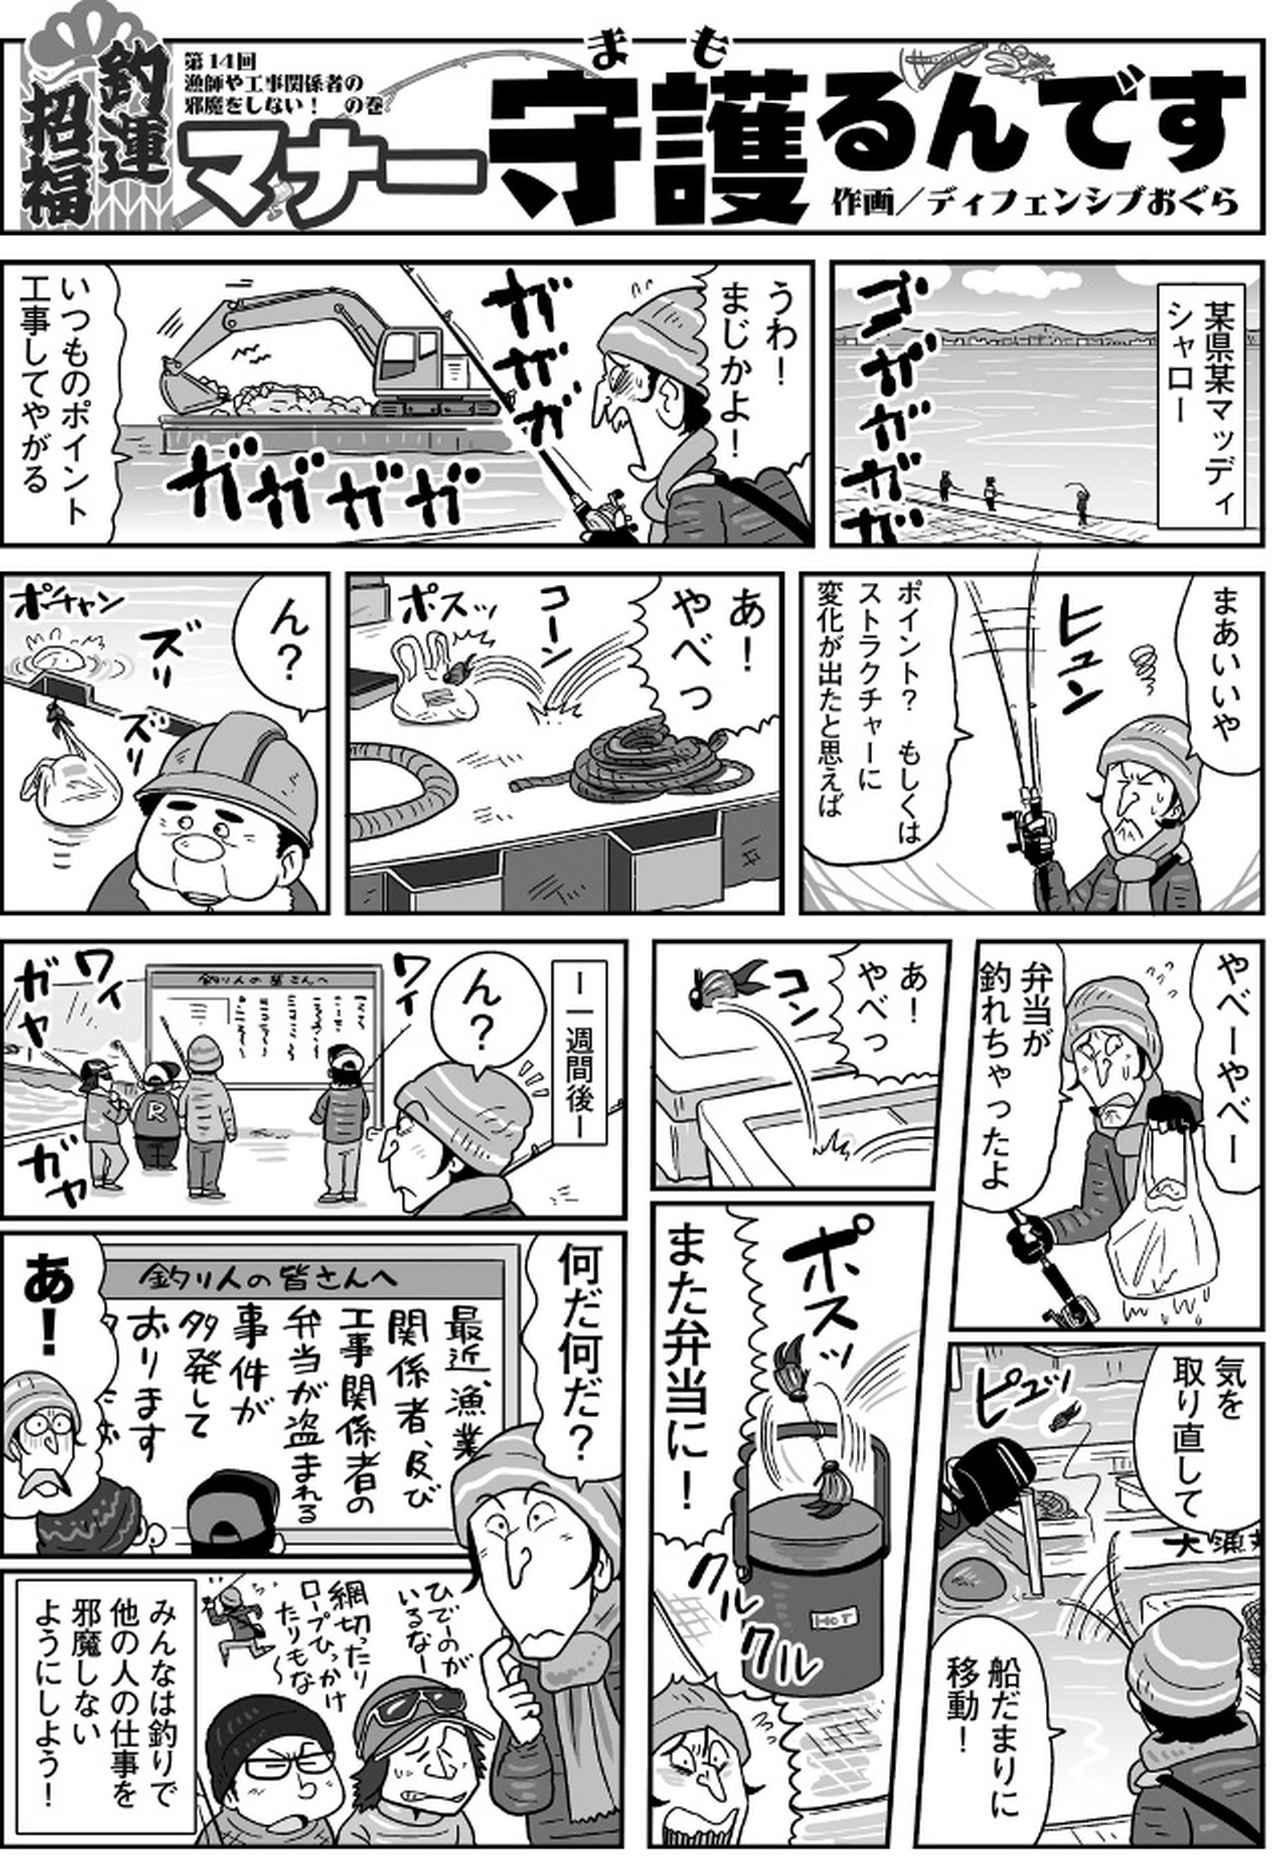 画像: 釣りマンガ『マナー守護(まも)るんです』  第14回 漁師や工事関係者の邪魔をしない!の巻